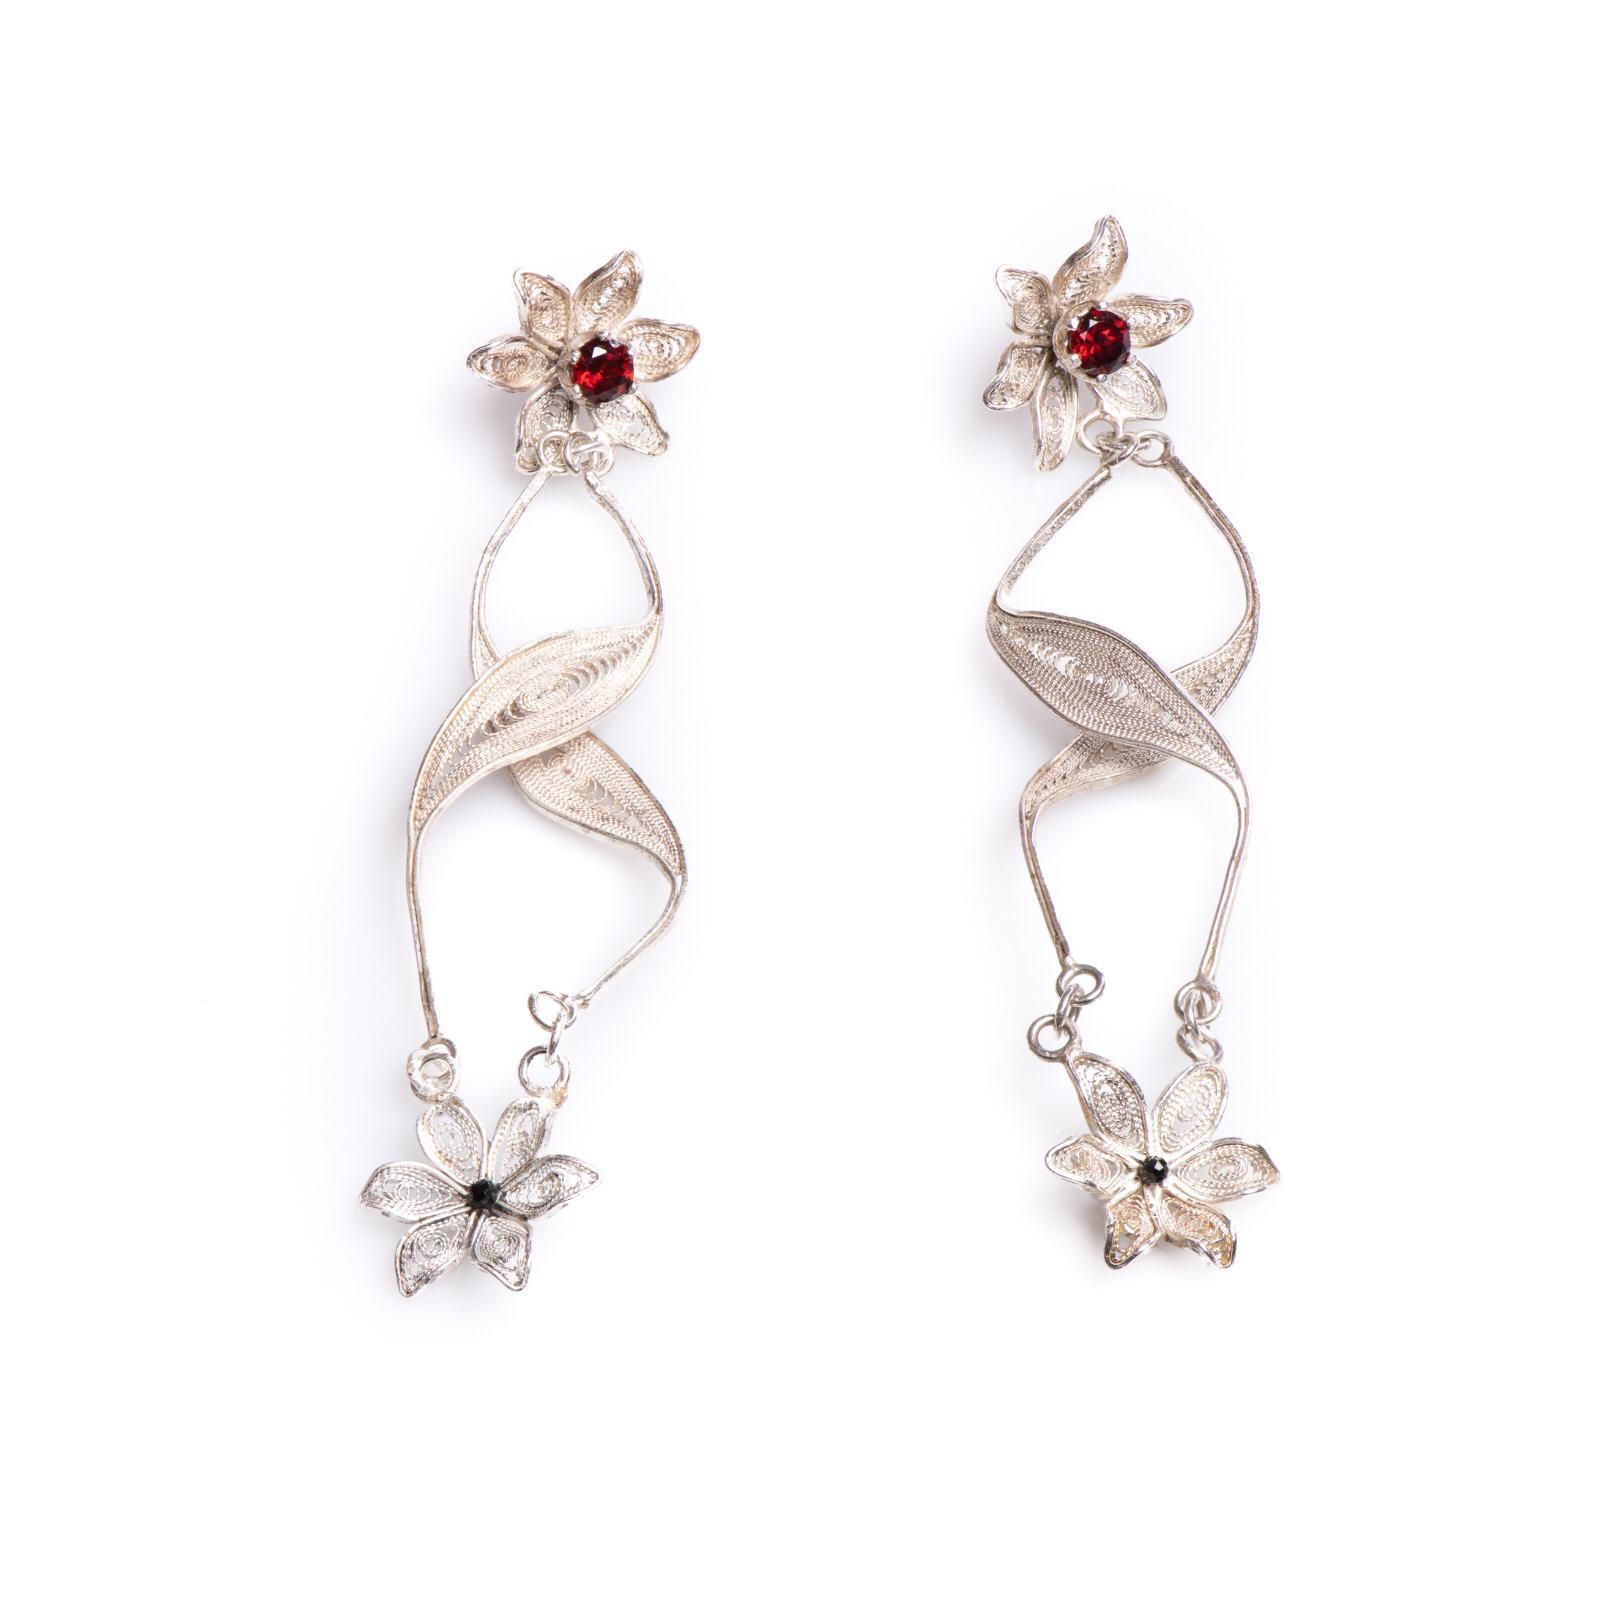 silver earings_jewlery_fillegree_RafGallery_romanian_art_VR_gallery_shop_360